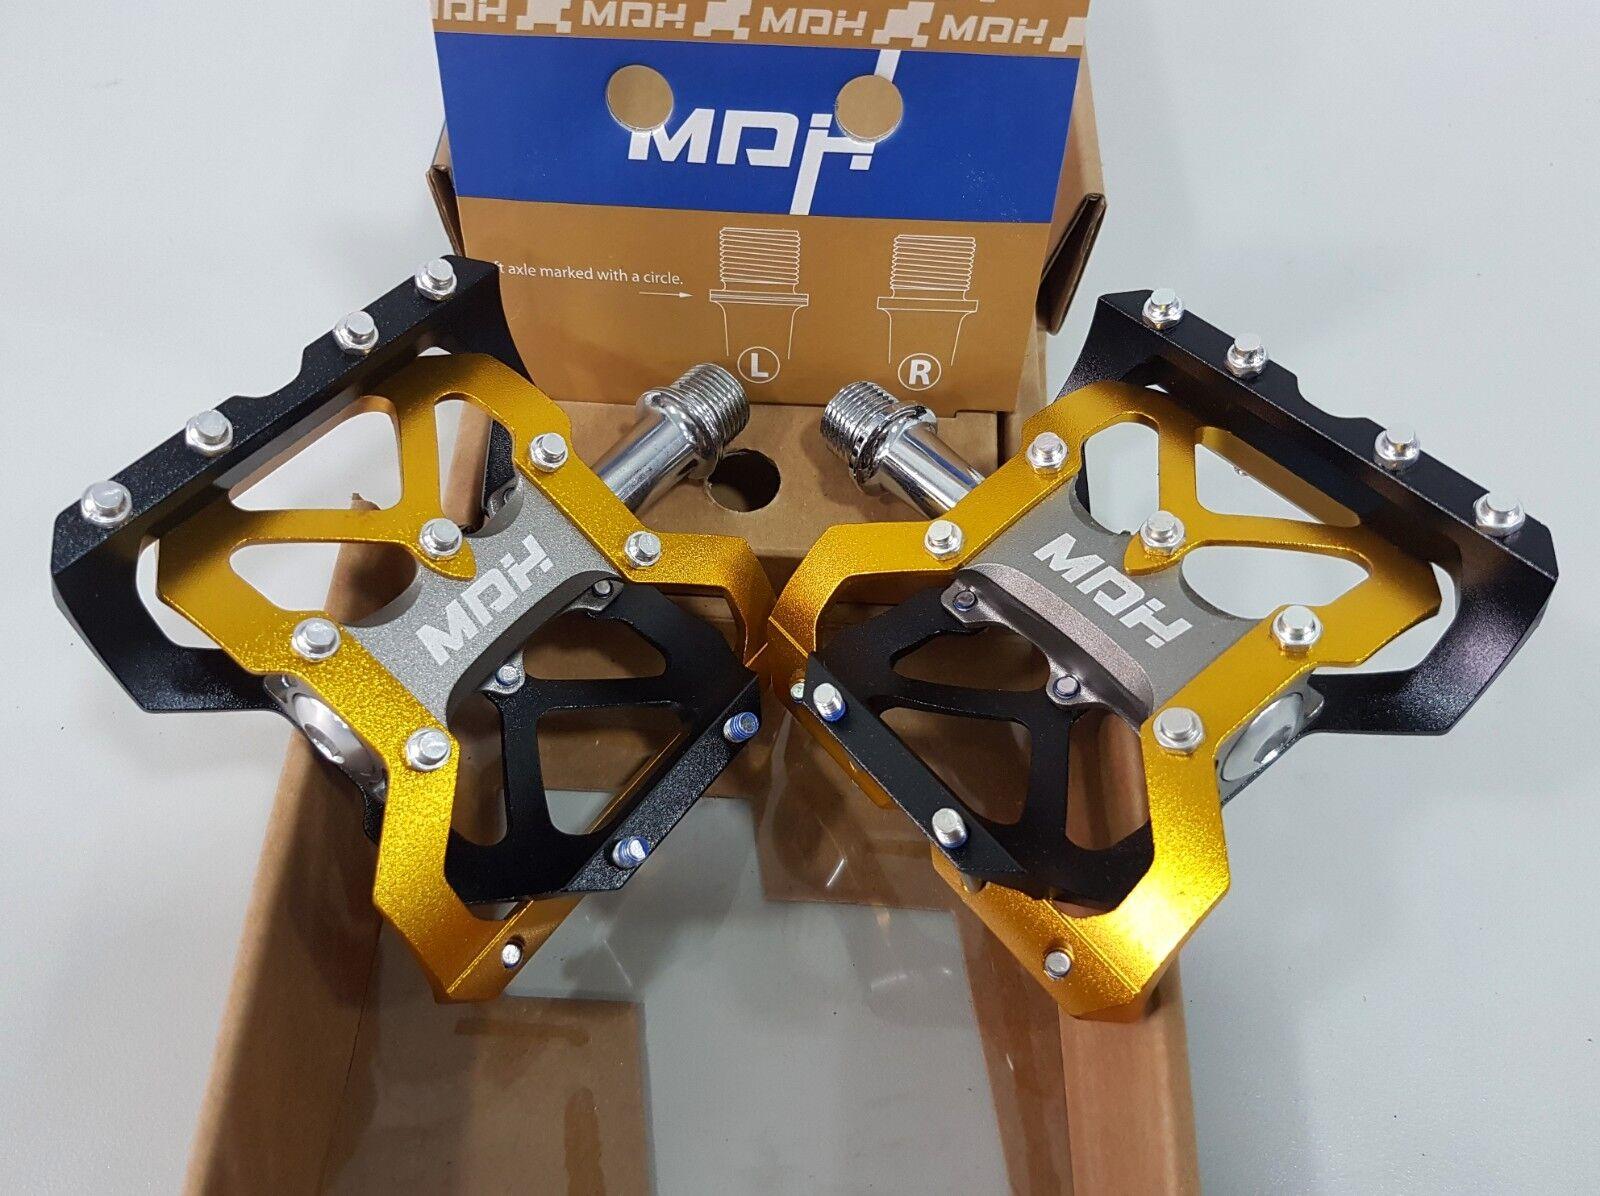 Pedal  De Bicicleta MDH PVA02 92x86x30 Cuerpo De Aluminio Cr-Mo Alex oro Negro  Hay más marcas de productos de alta calidad.